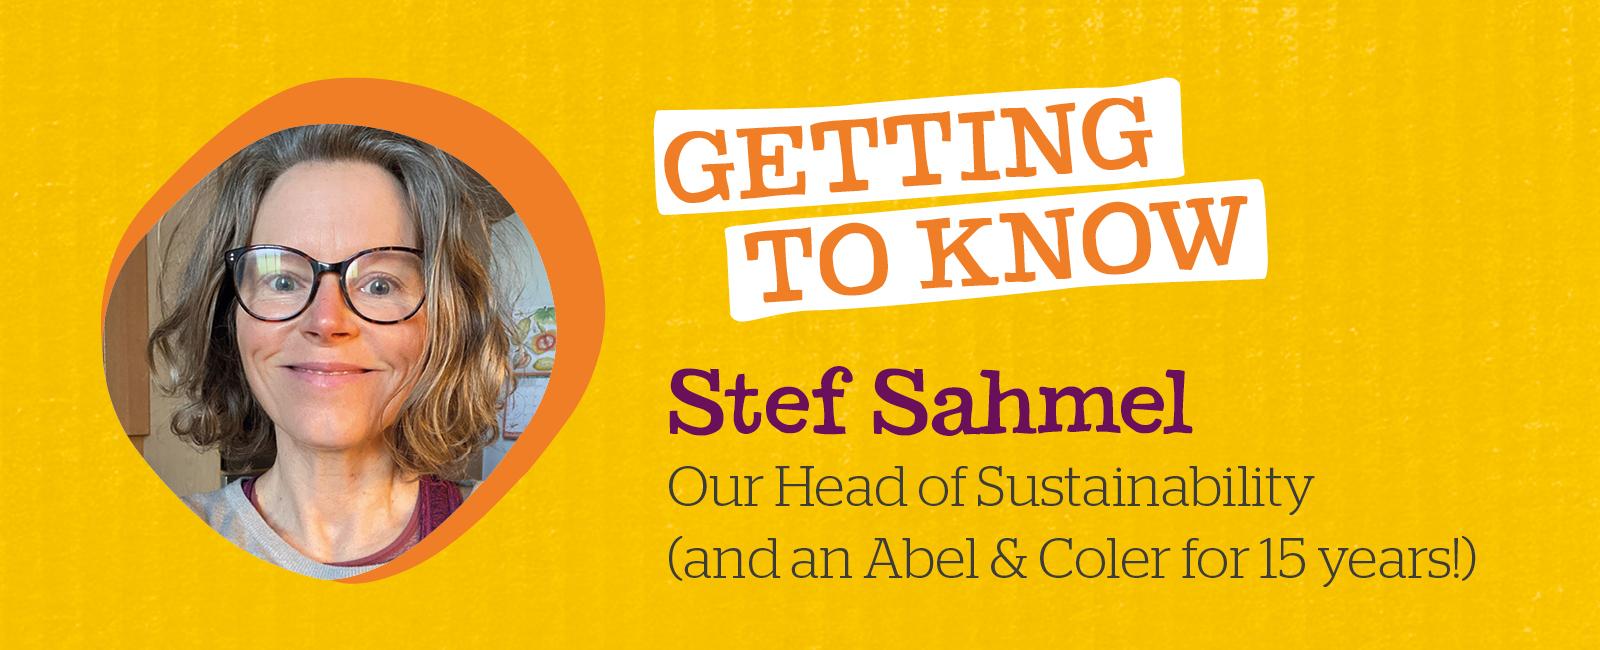 Meet Steff